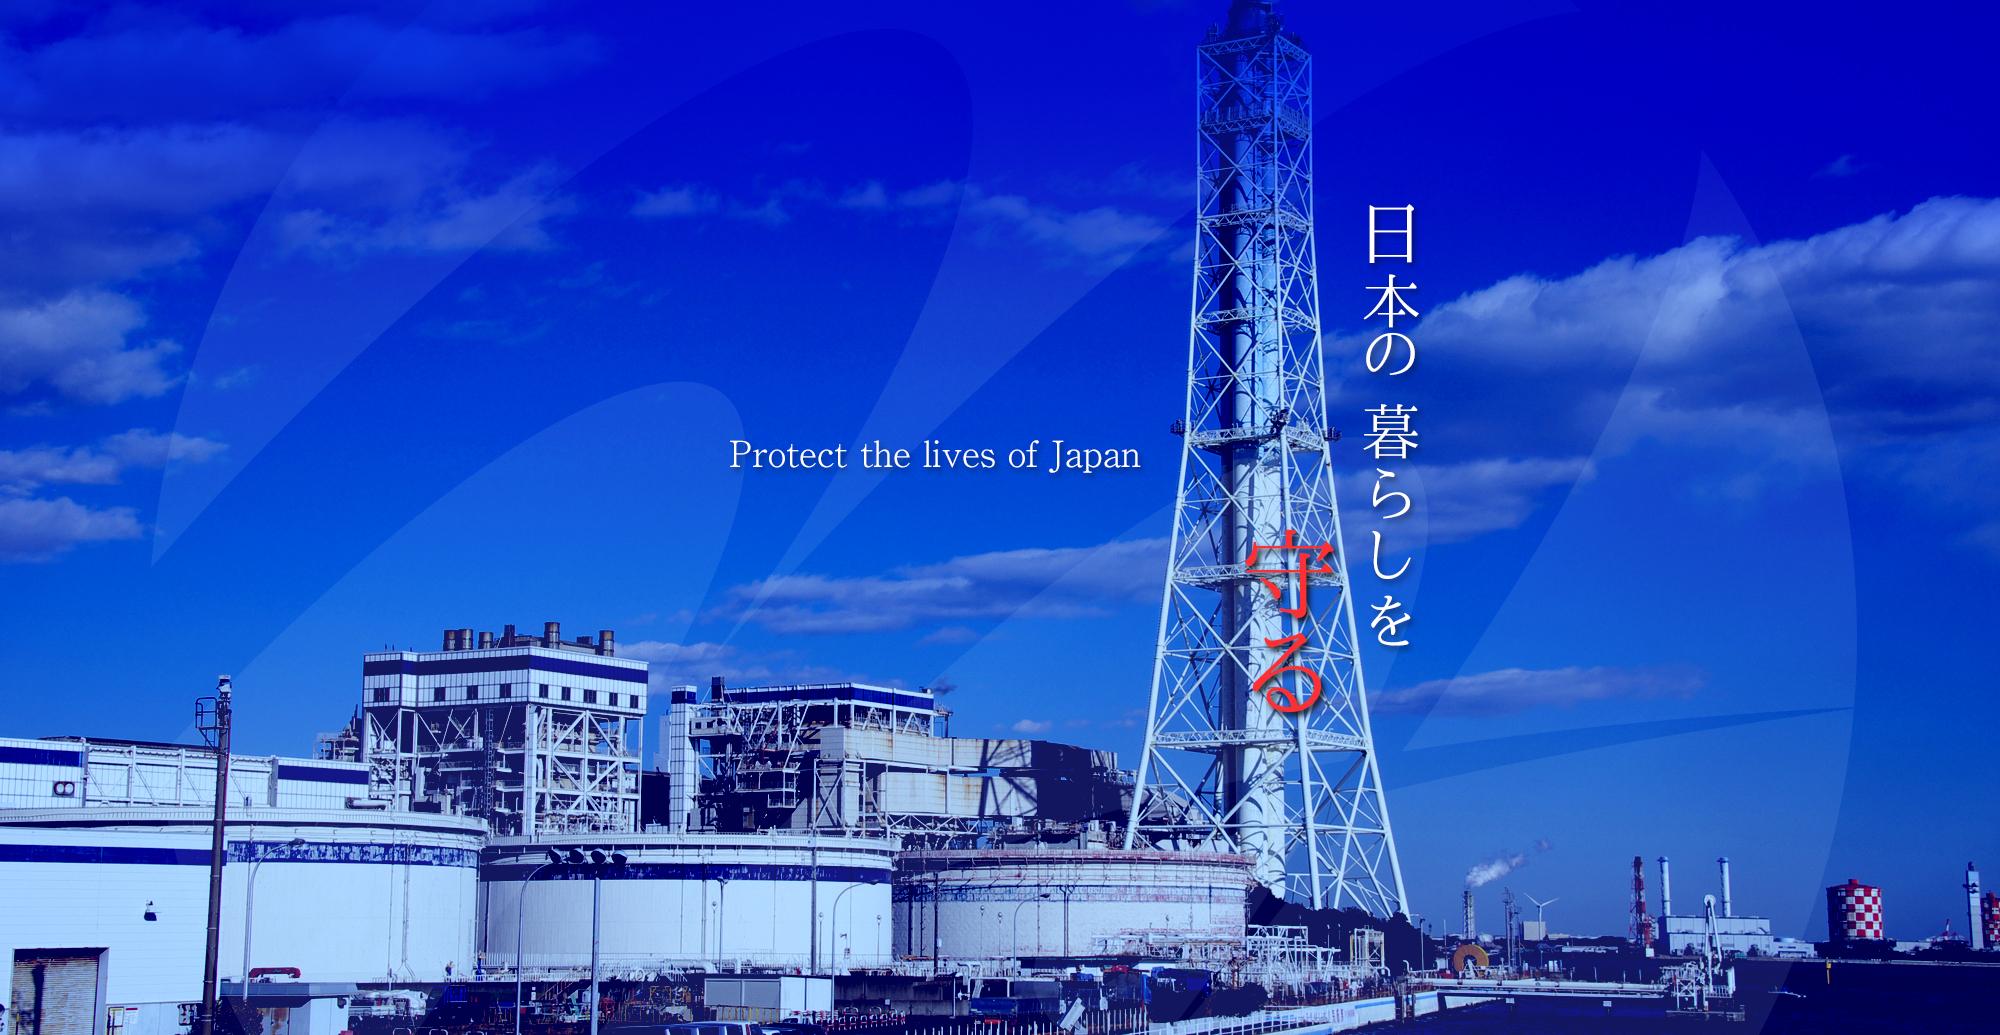 日本の暮らしを守る